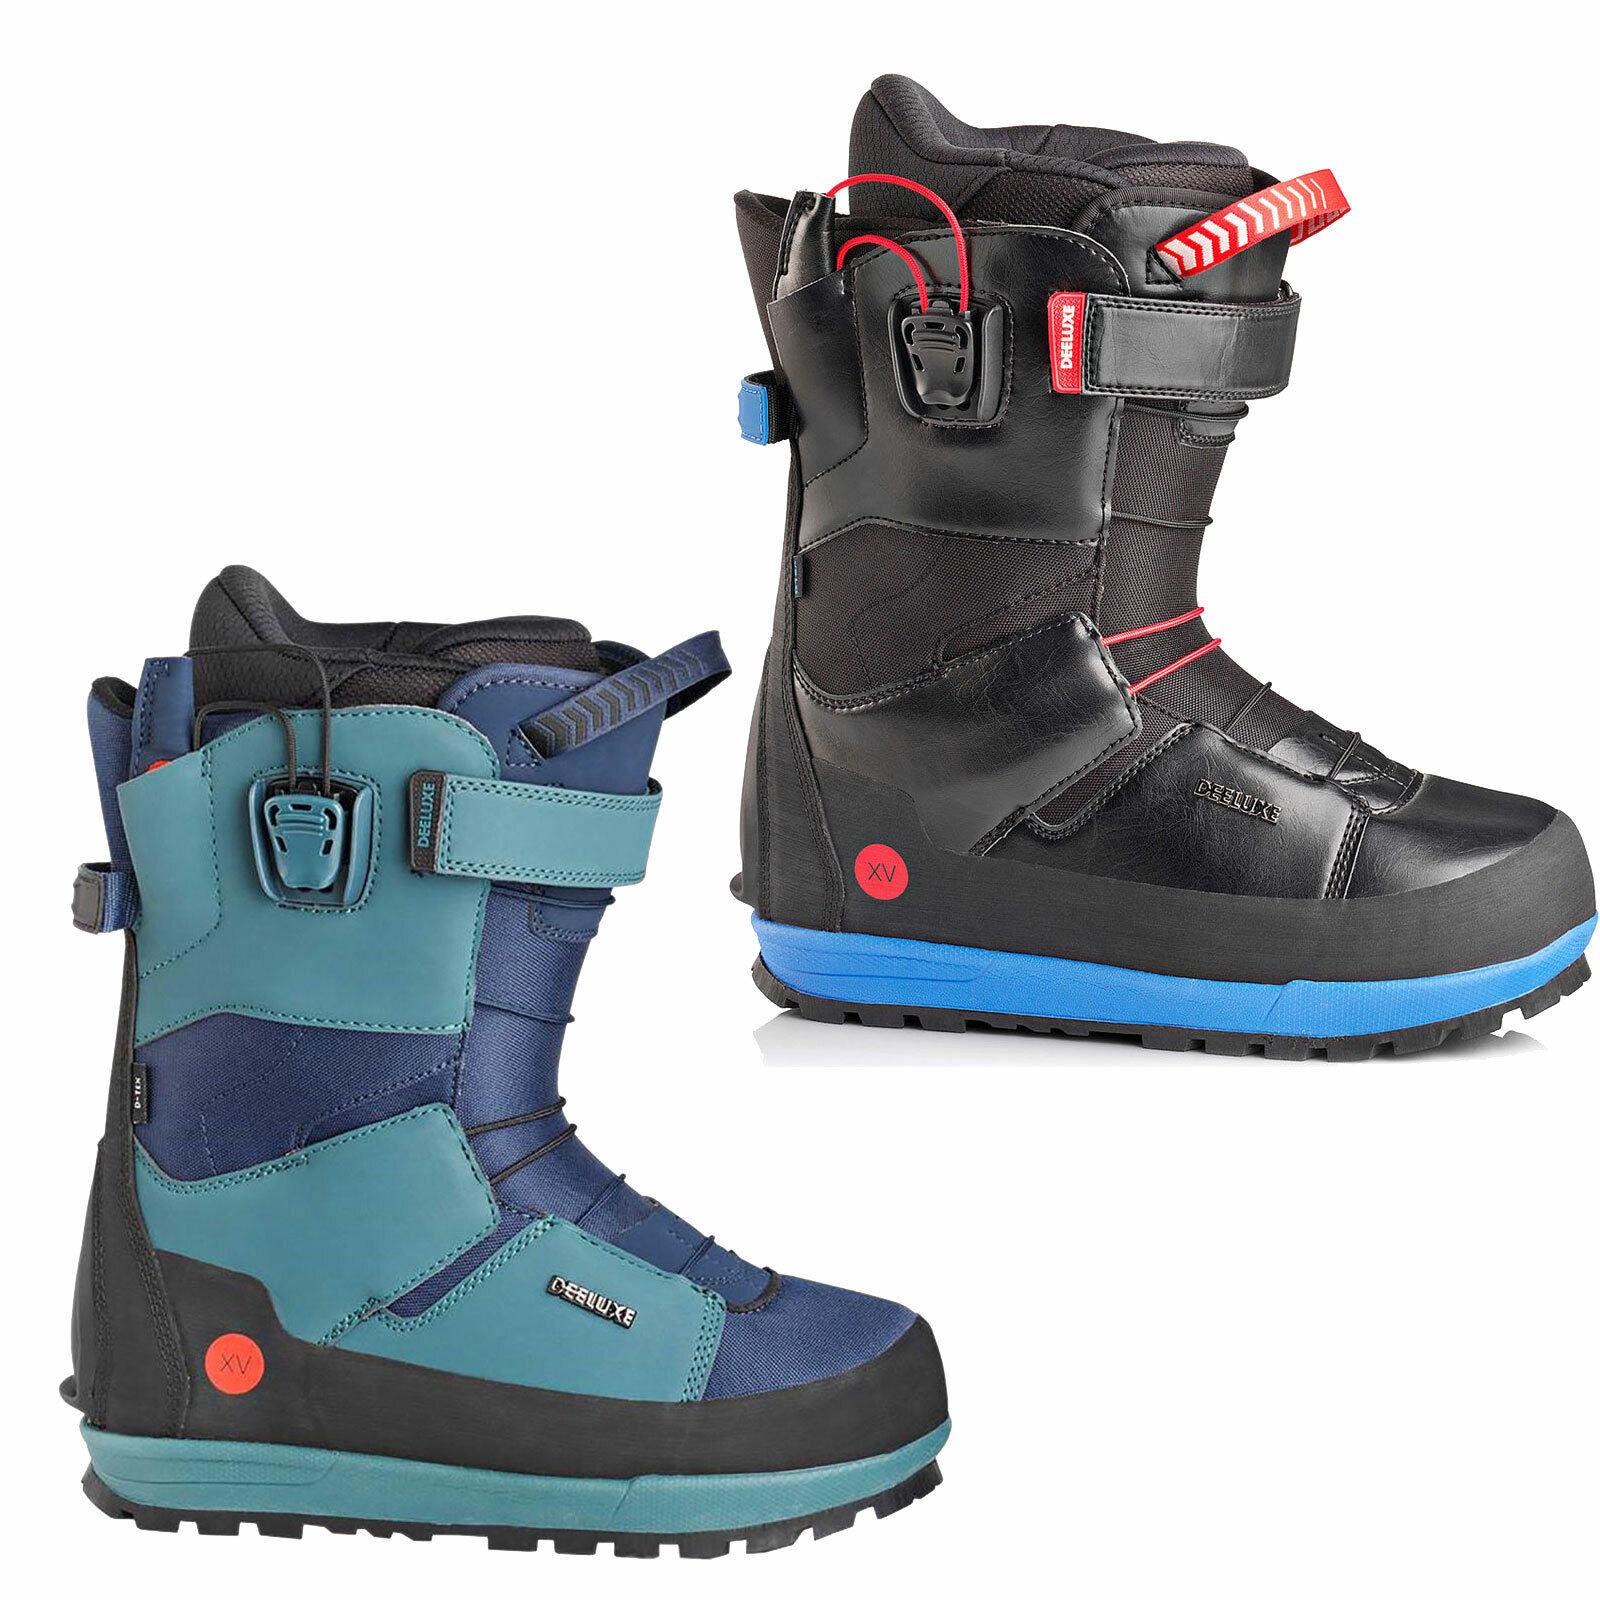 Deeluxe Spark XV Pf Men's Freeride Hiking Snowboardboots Snowboard Boots New